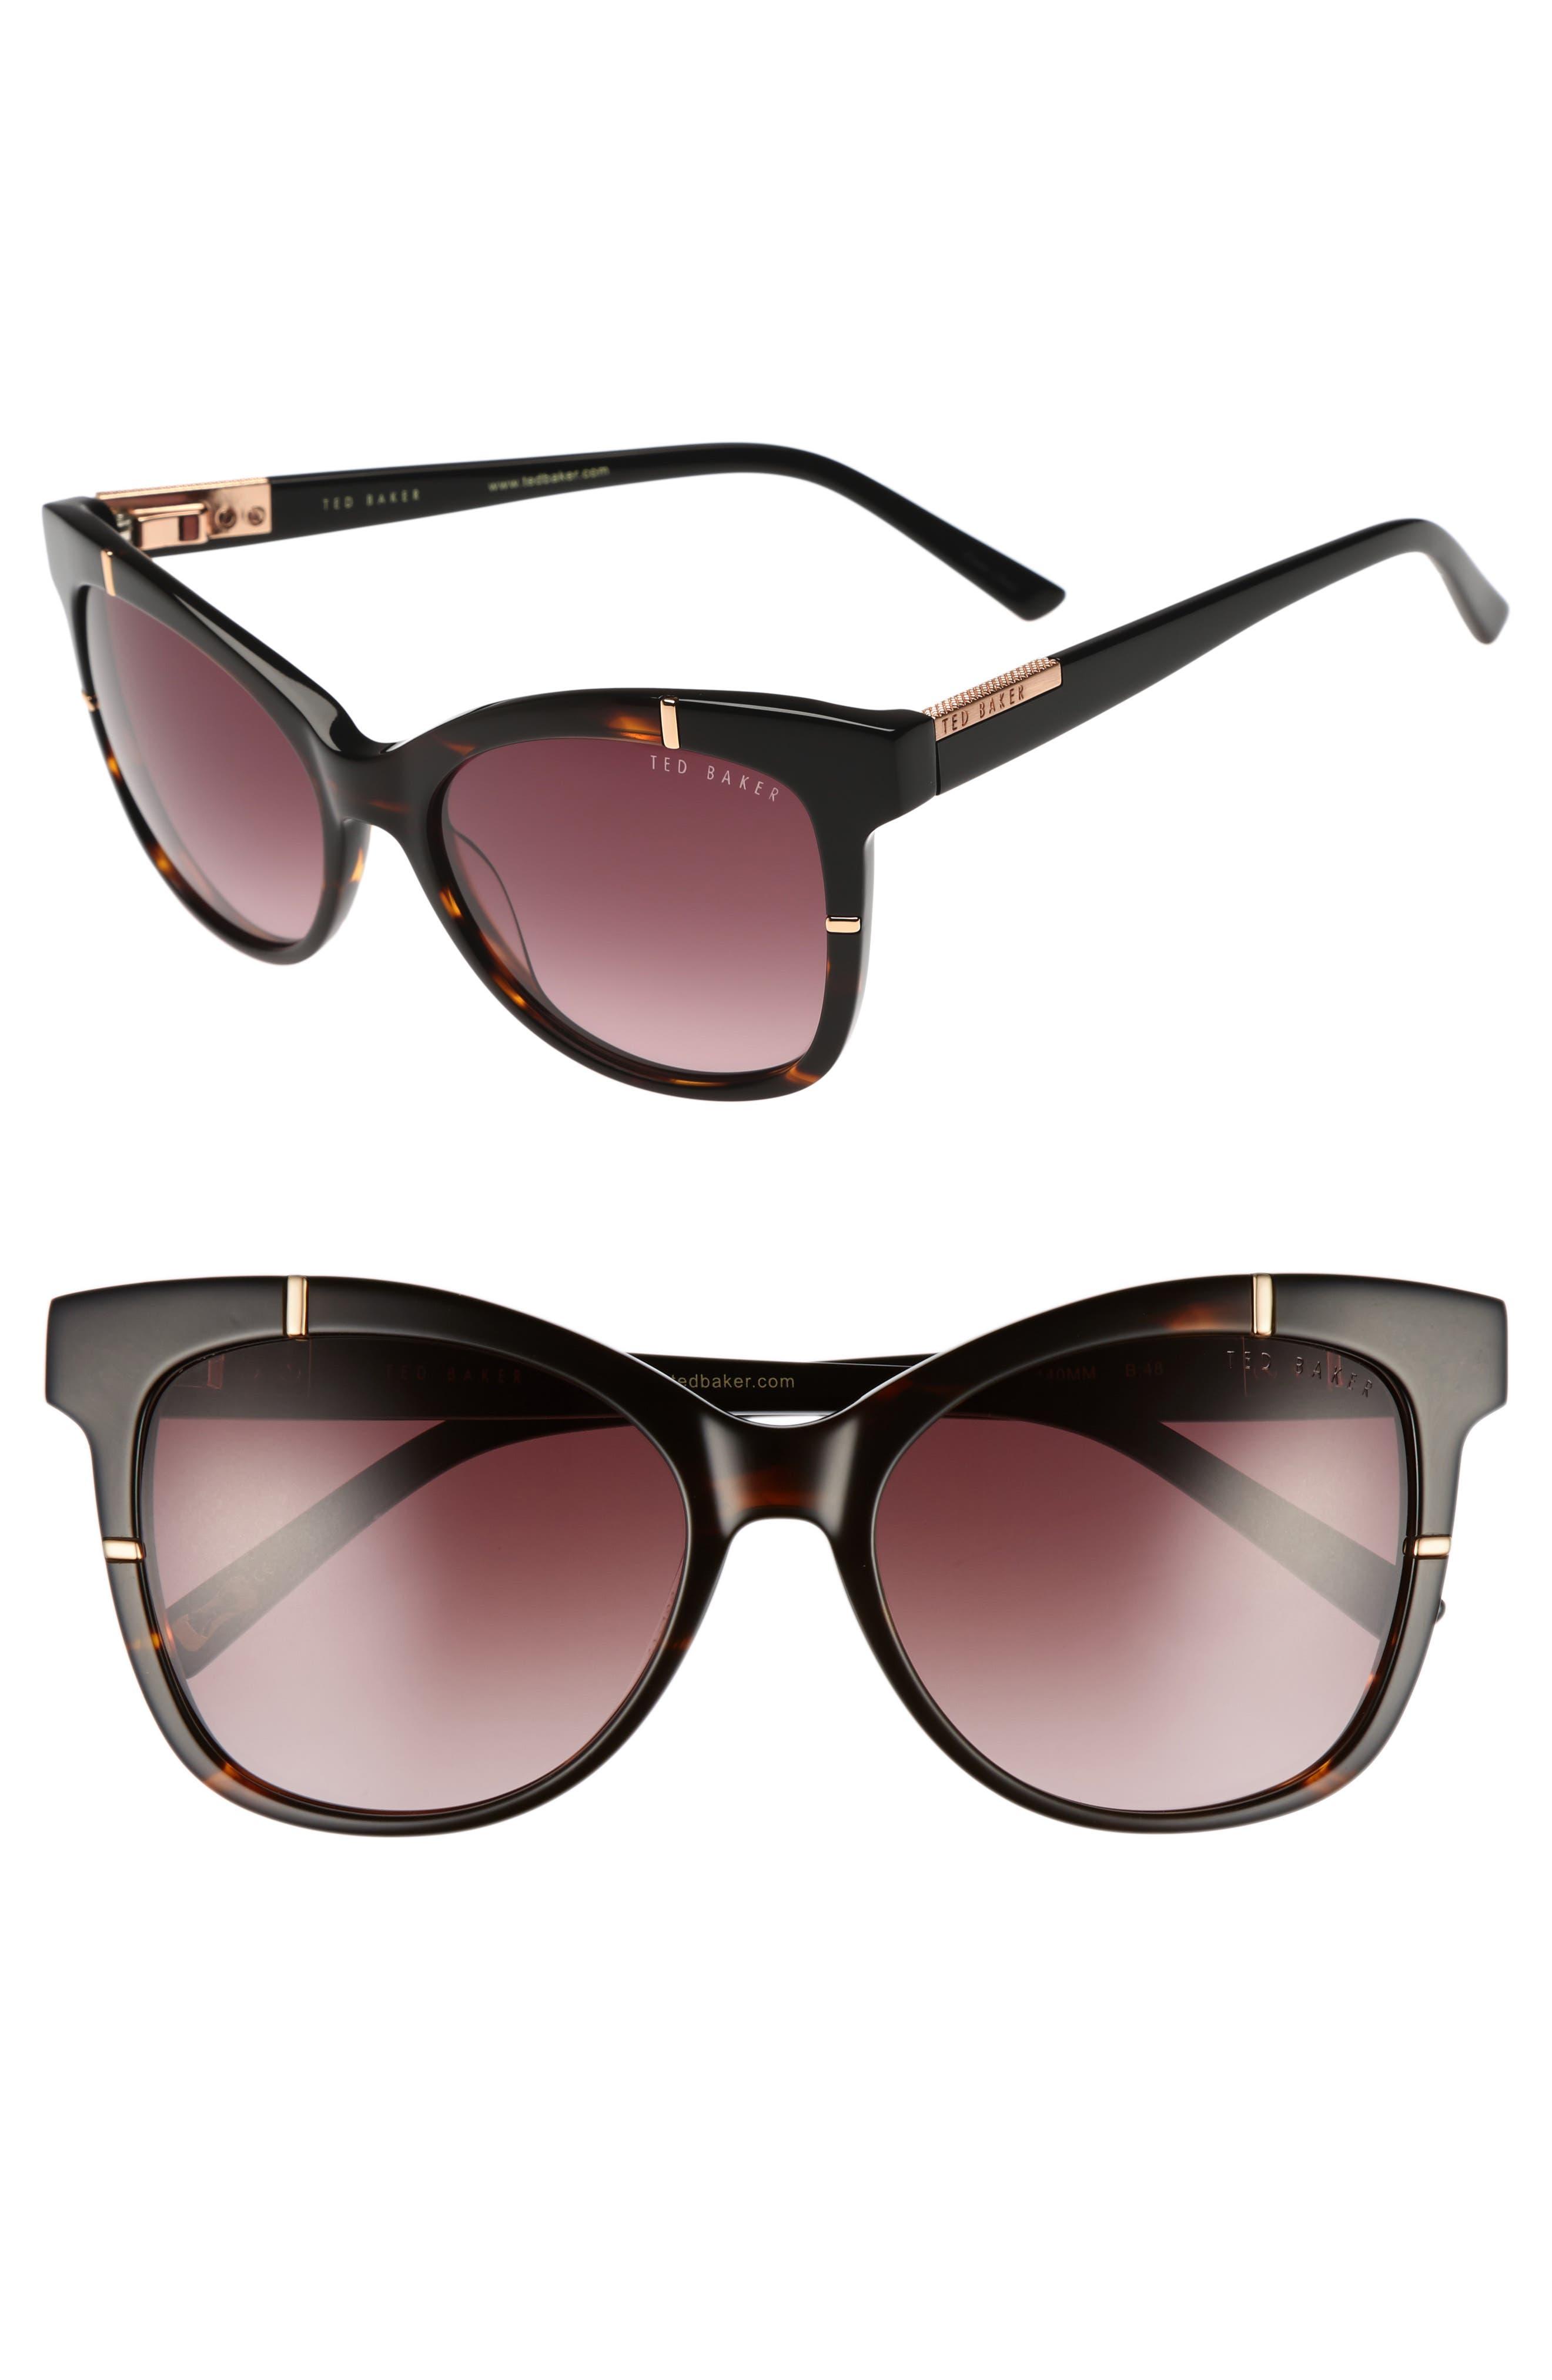 55mm Square Cat Eye Sunglasses,                             Main thumbnail 1, color,                             TORTOISE